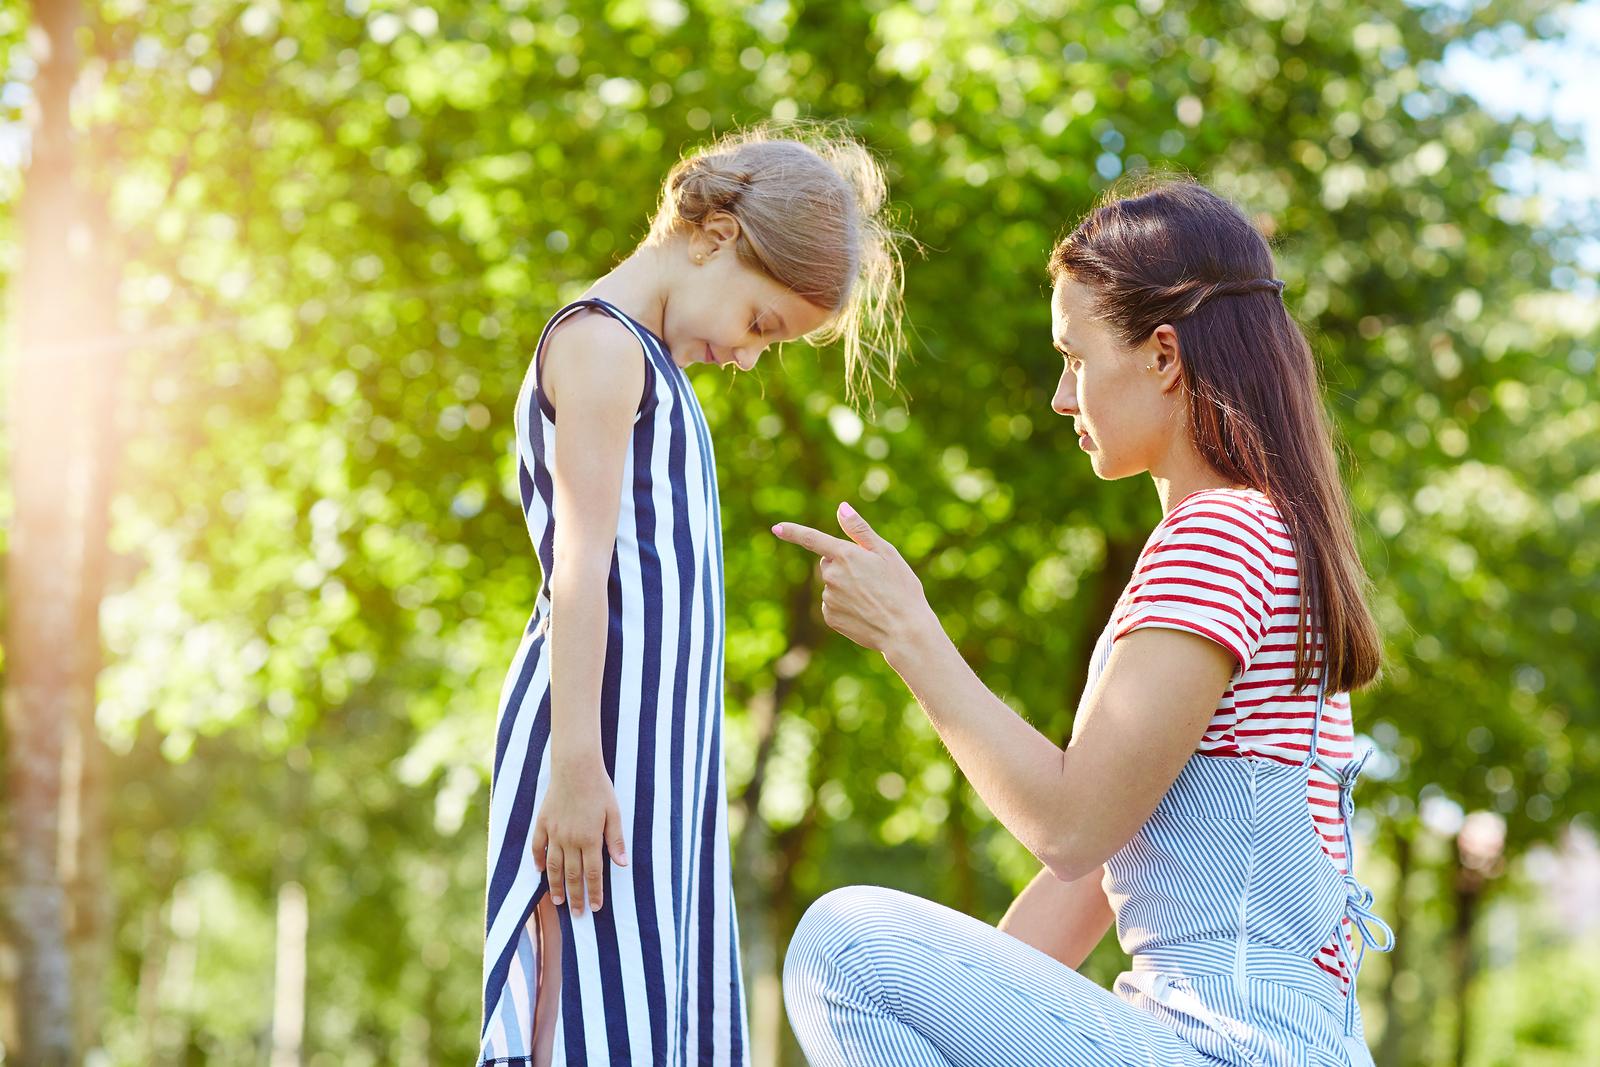 Strenge Mutter schimpft Tochter